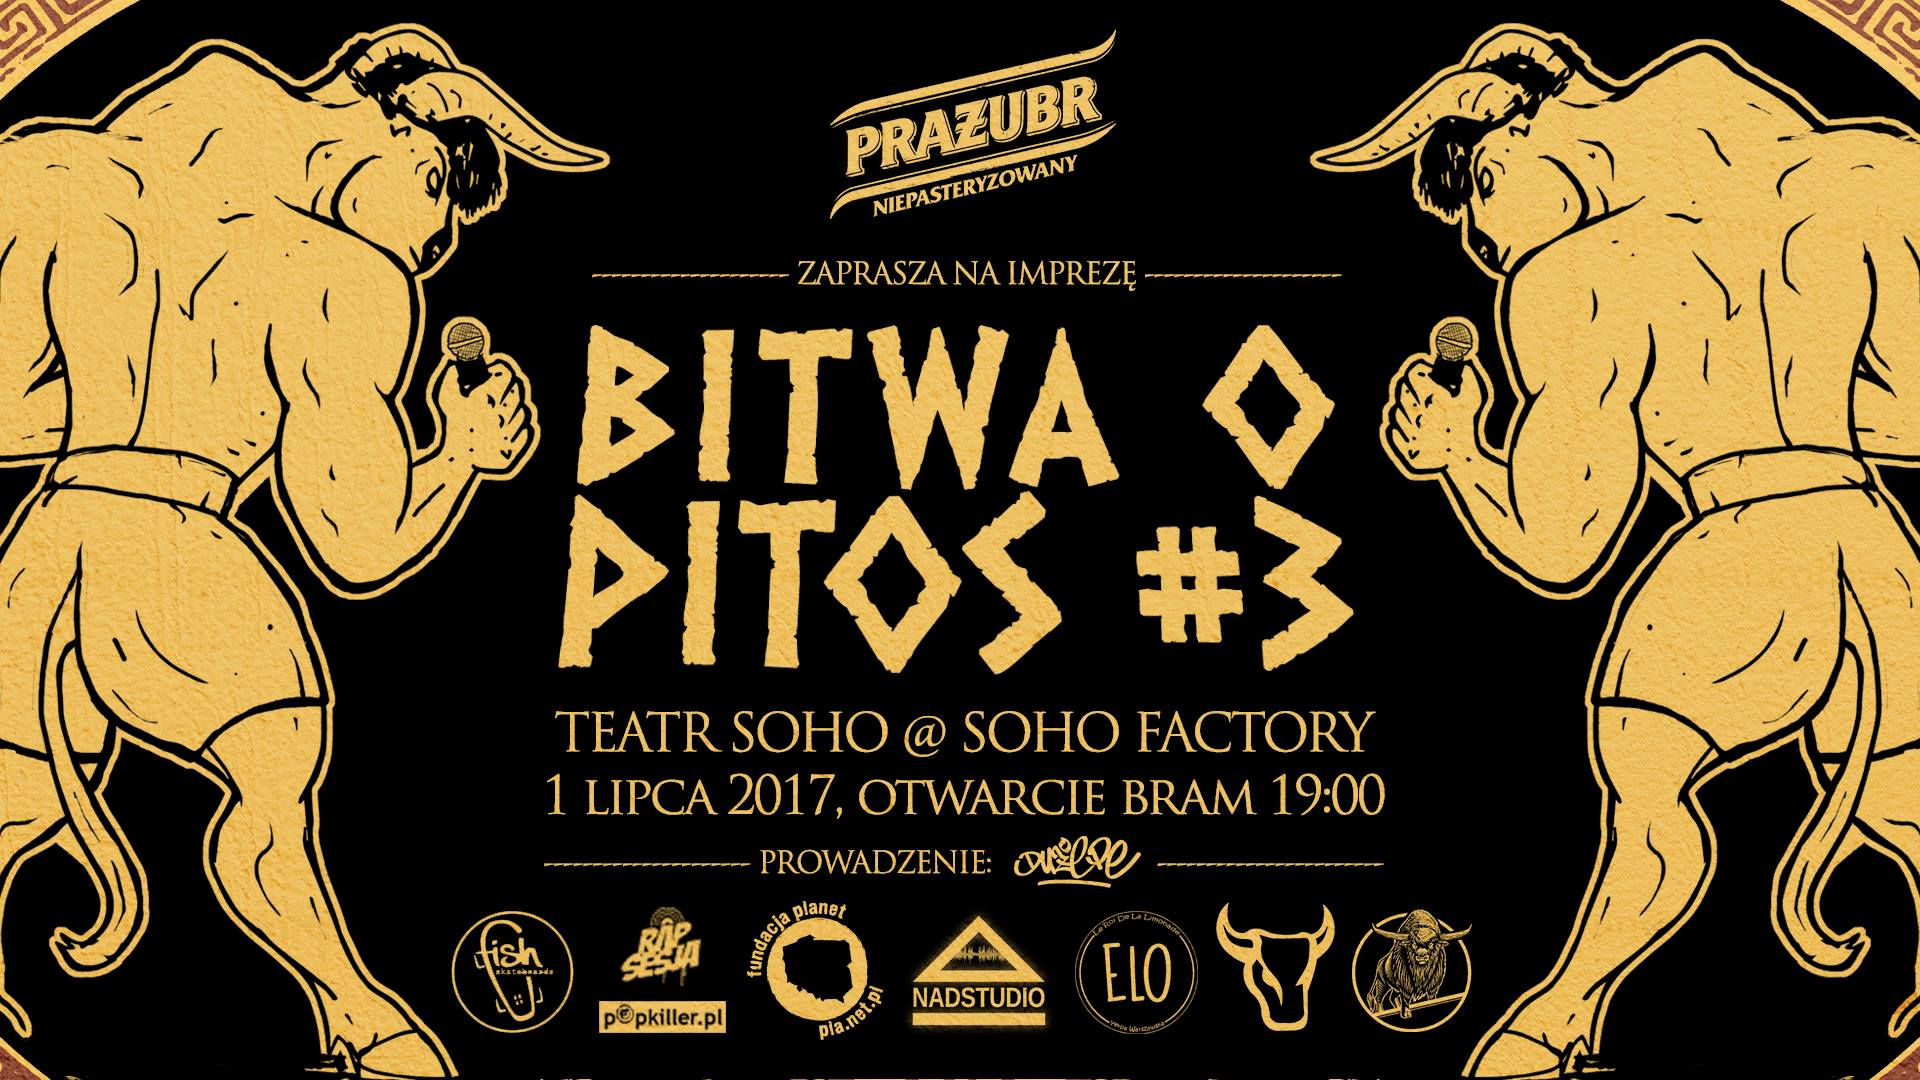 Bitwa o Pitos 2017! Wielki Finał już 1 Lipca!